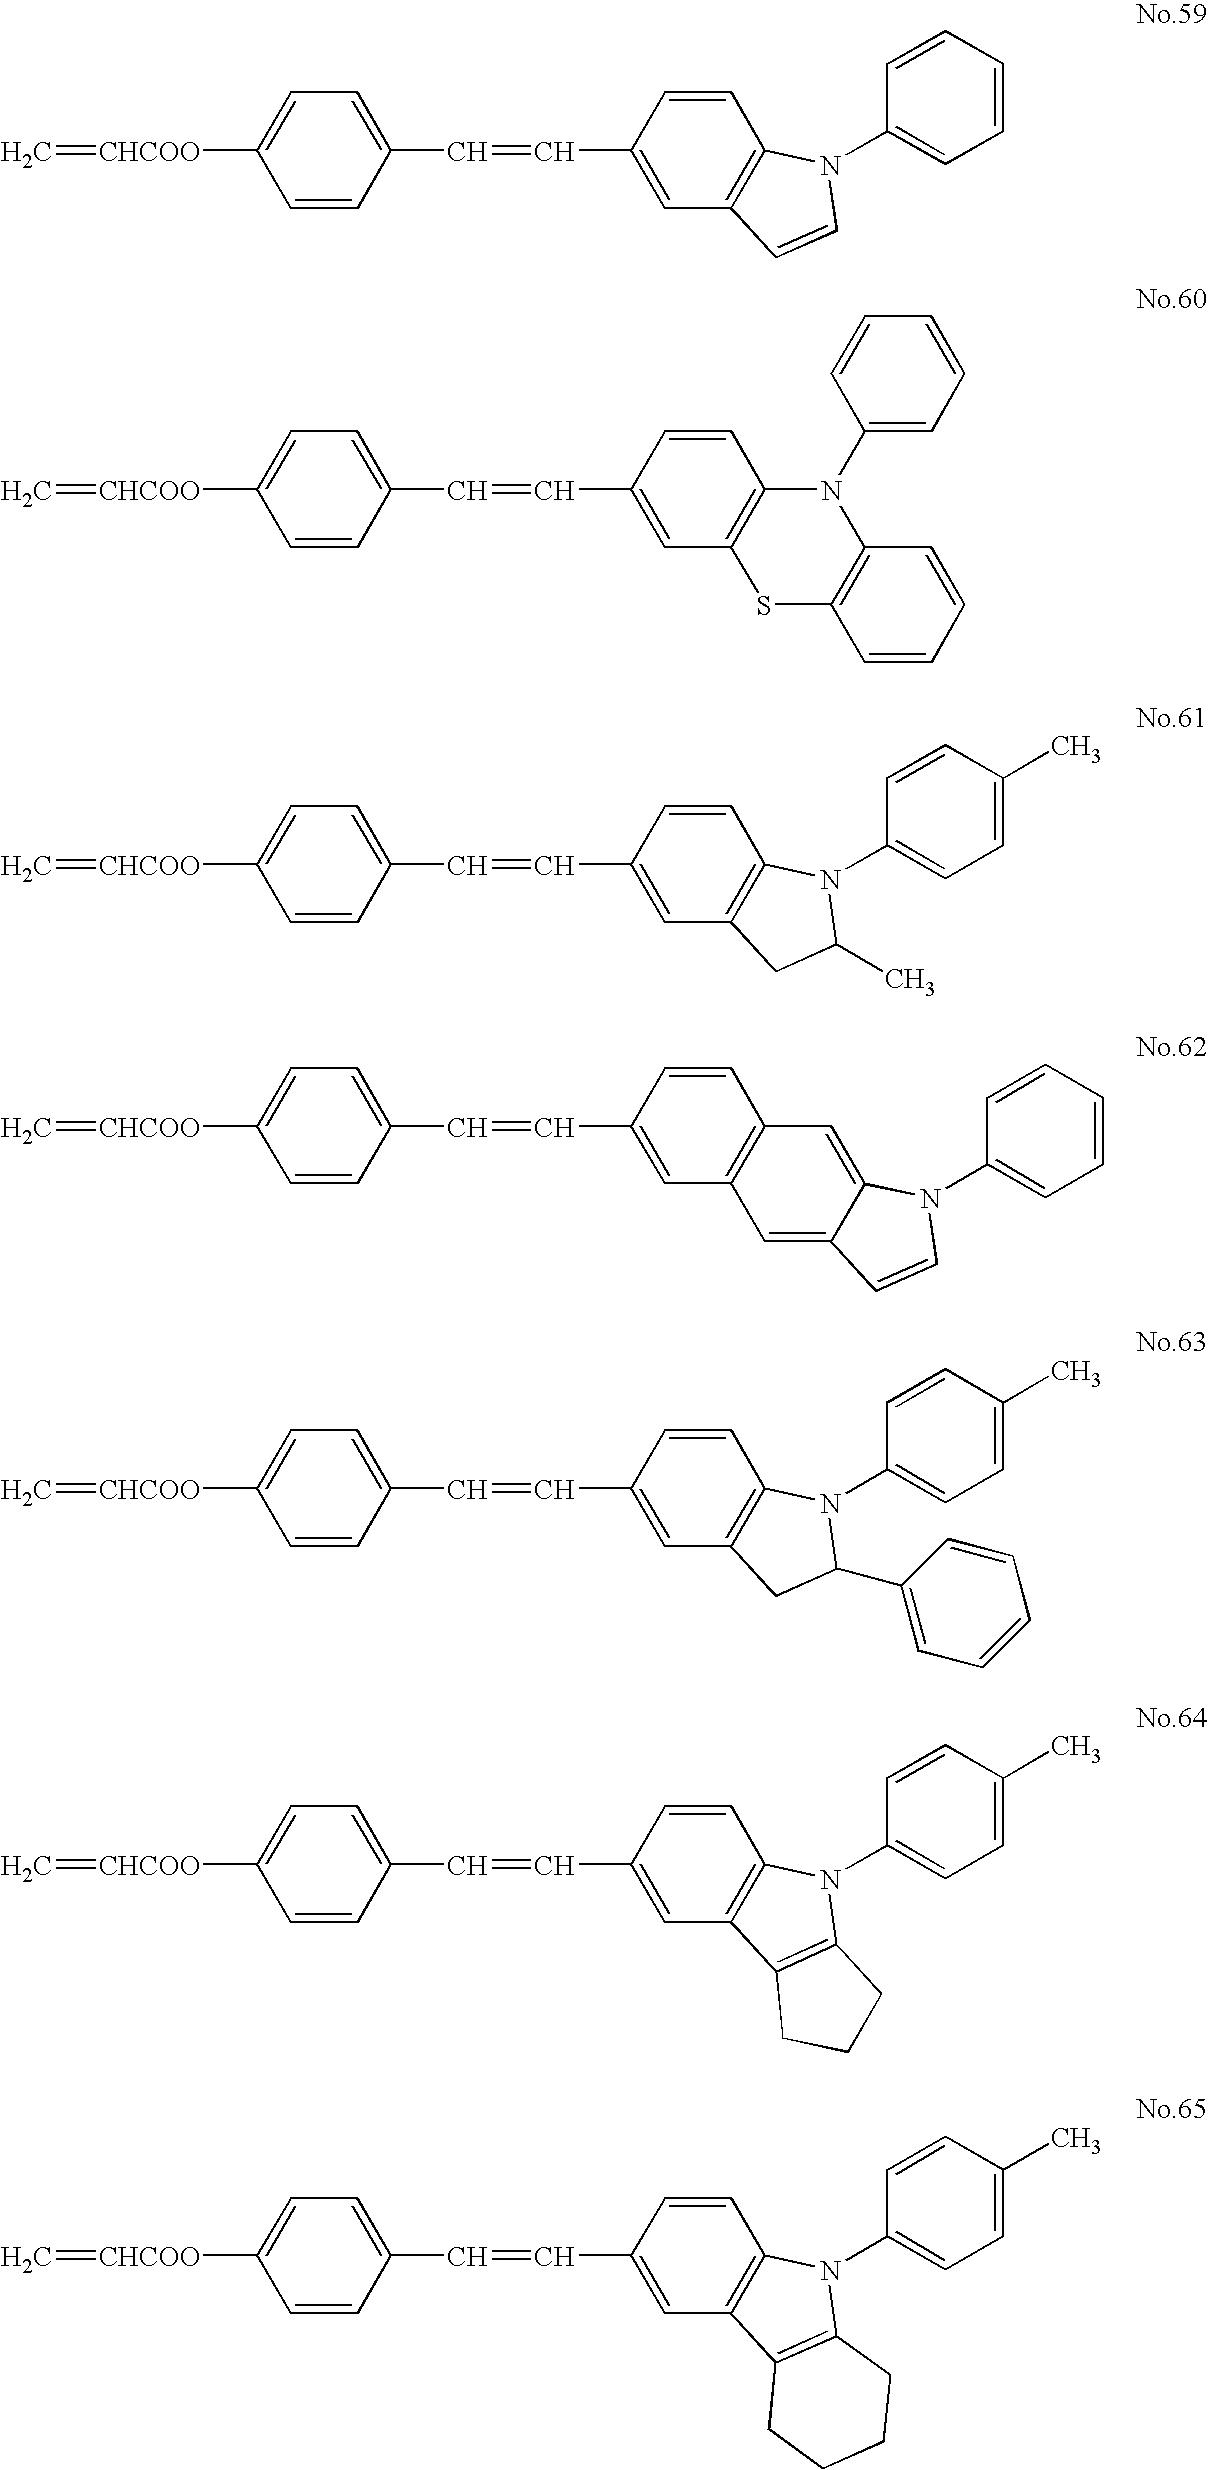 Figure US20060078809A1-20060413-C00018